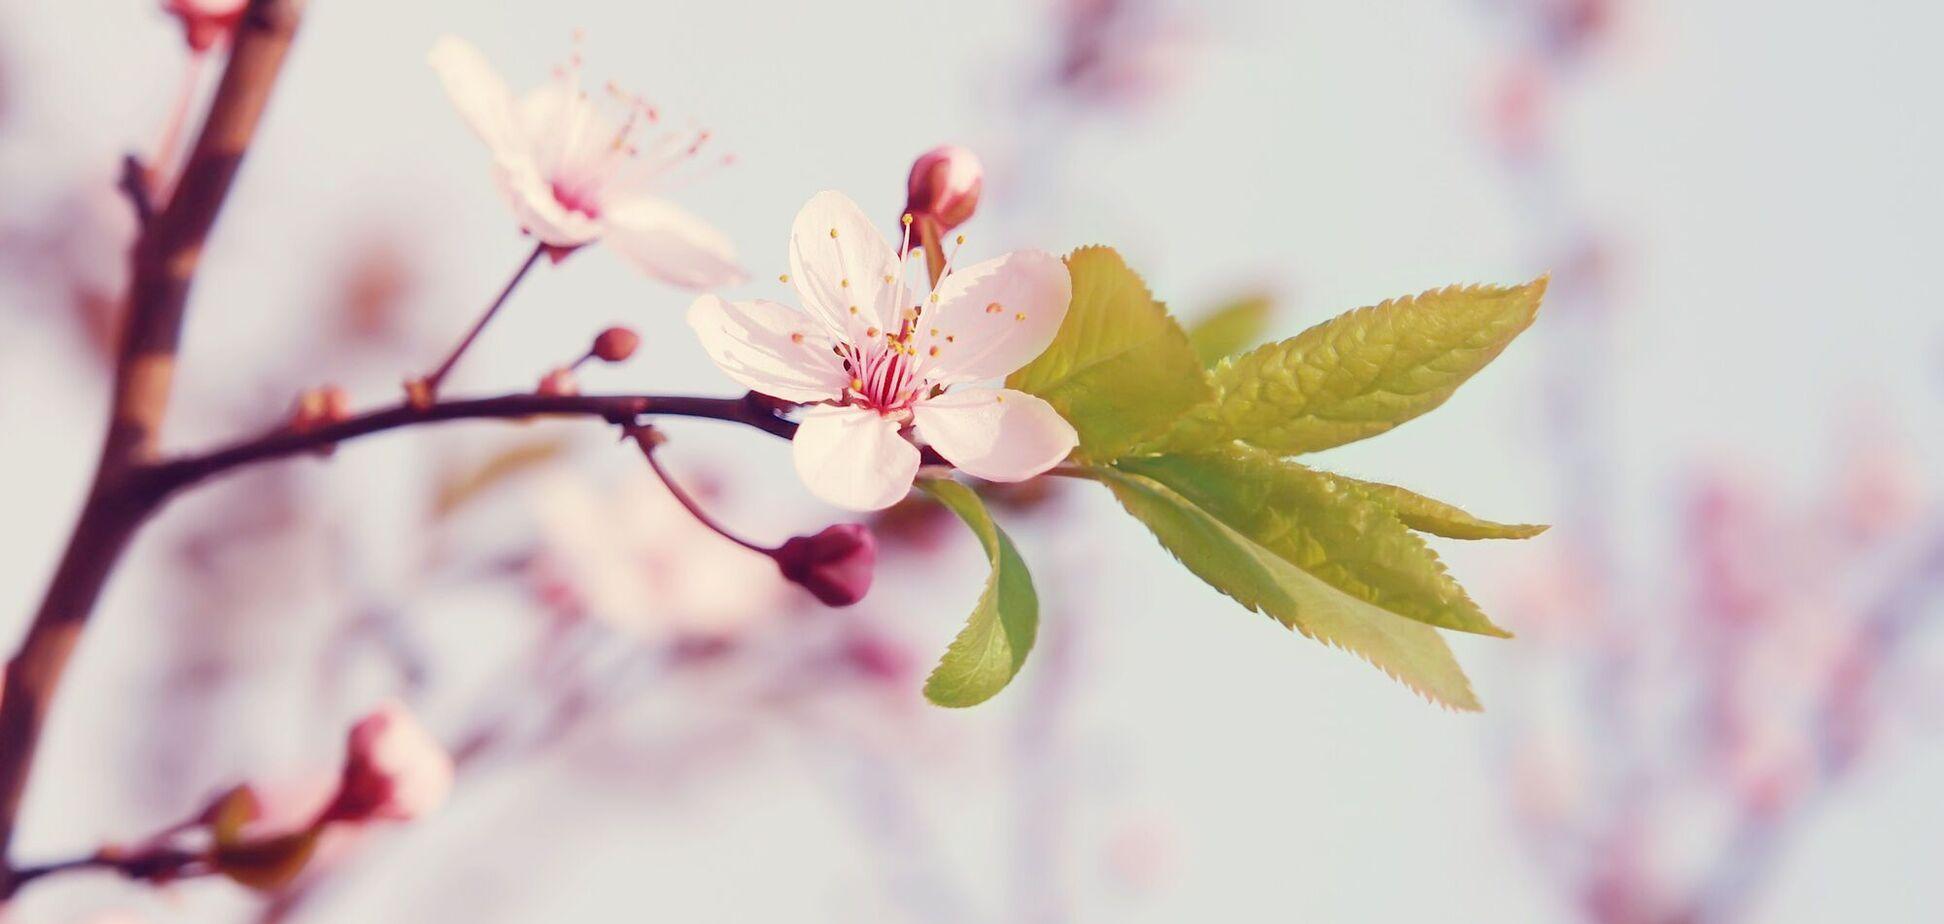 6 мая: праздники, приметы и именинники